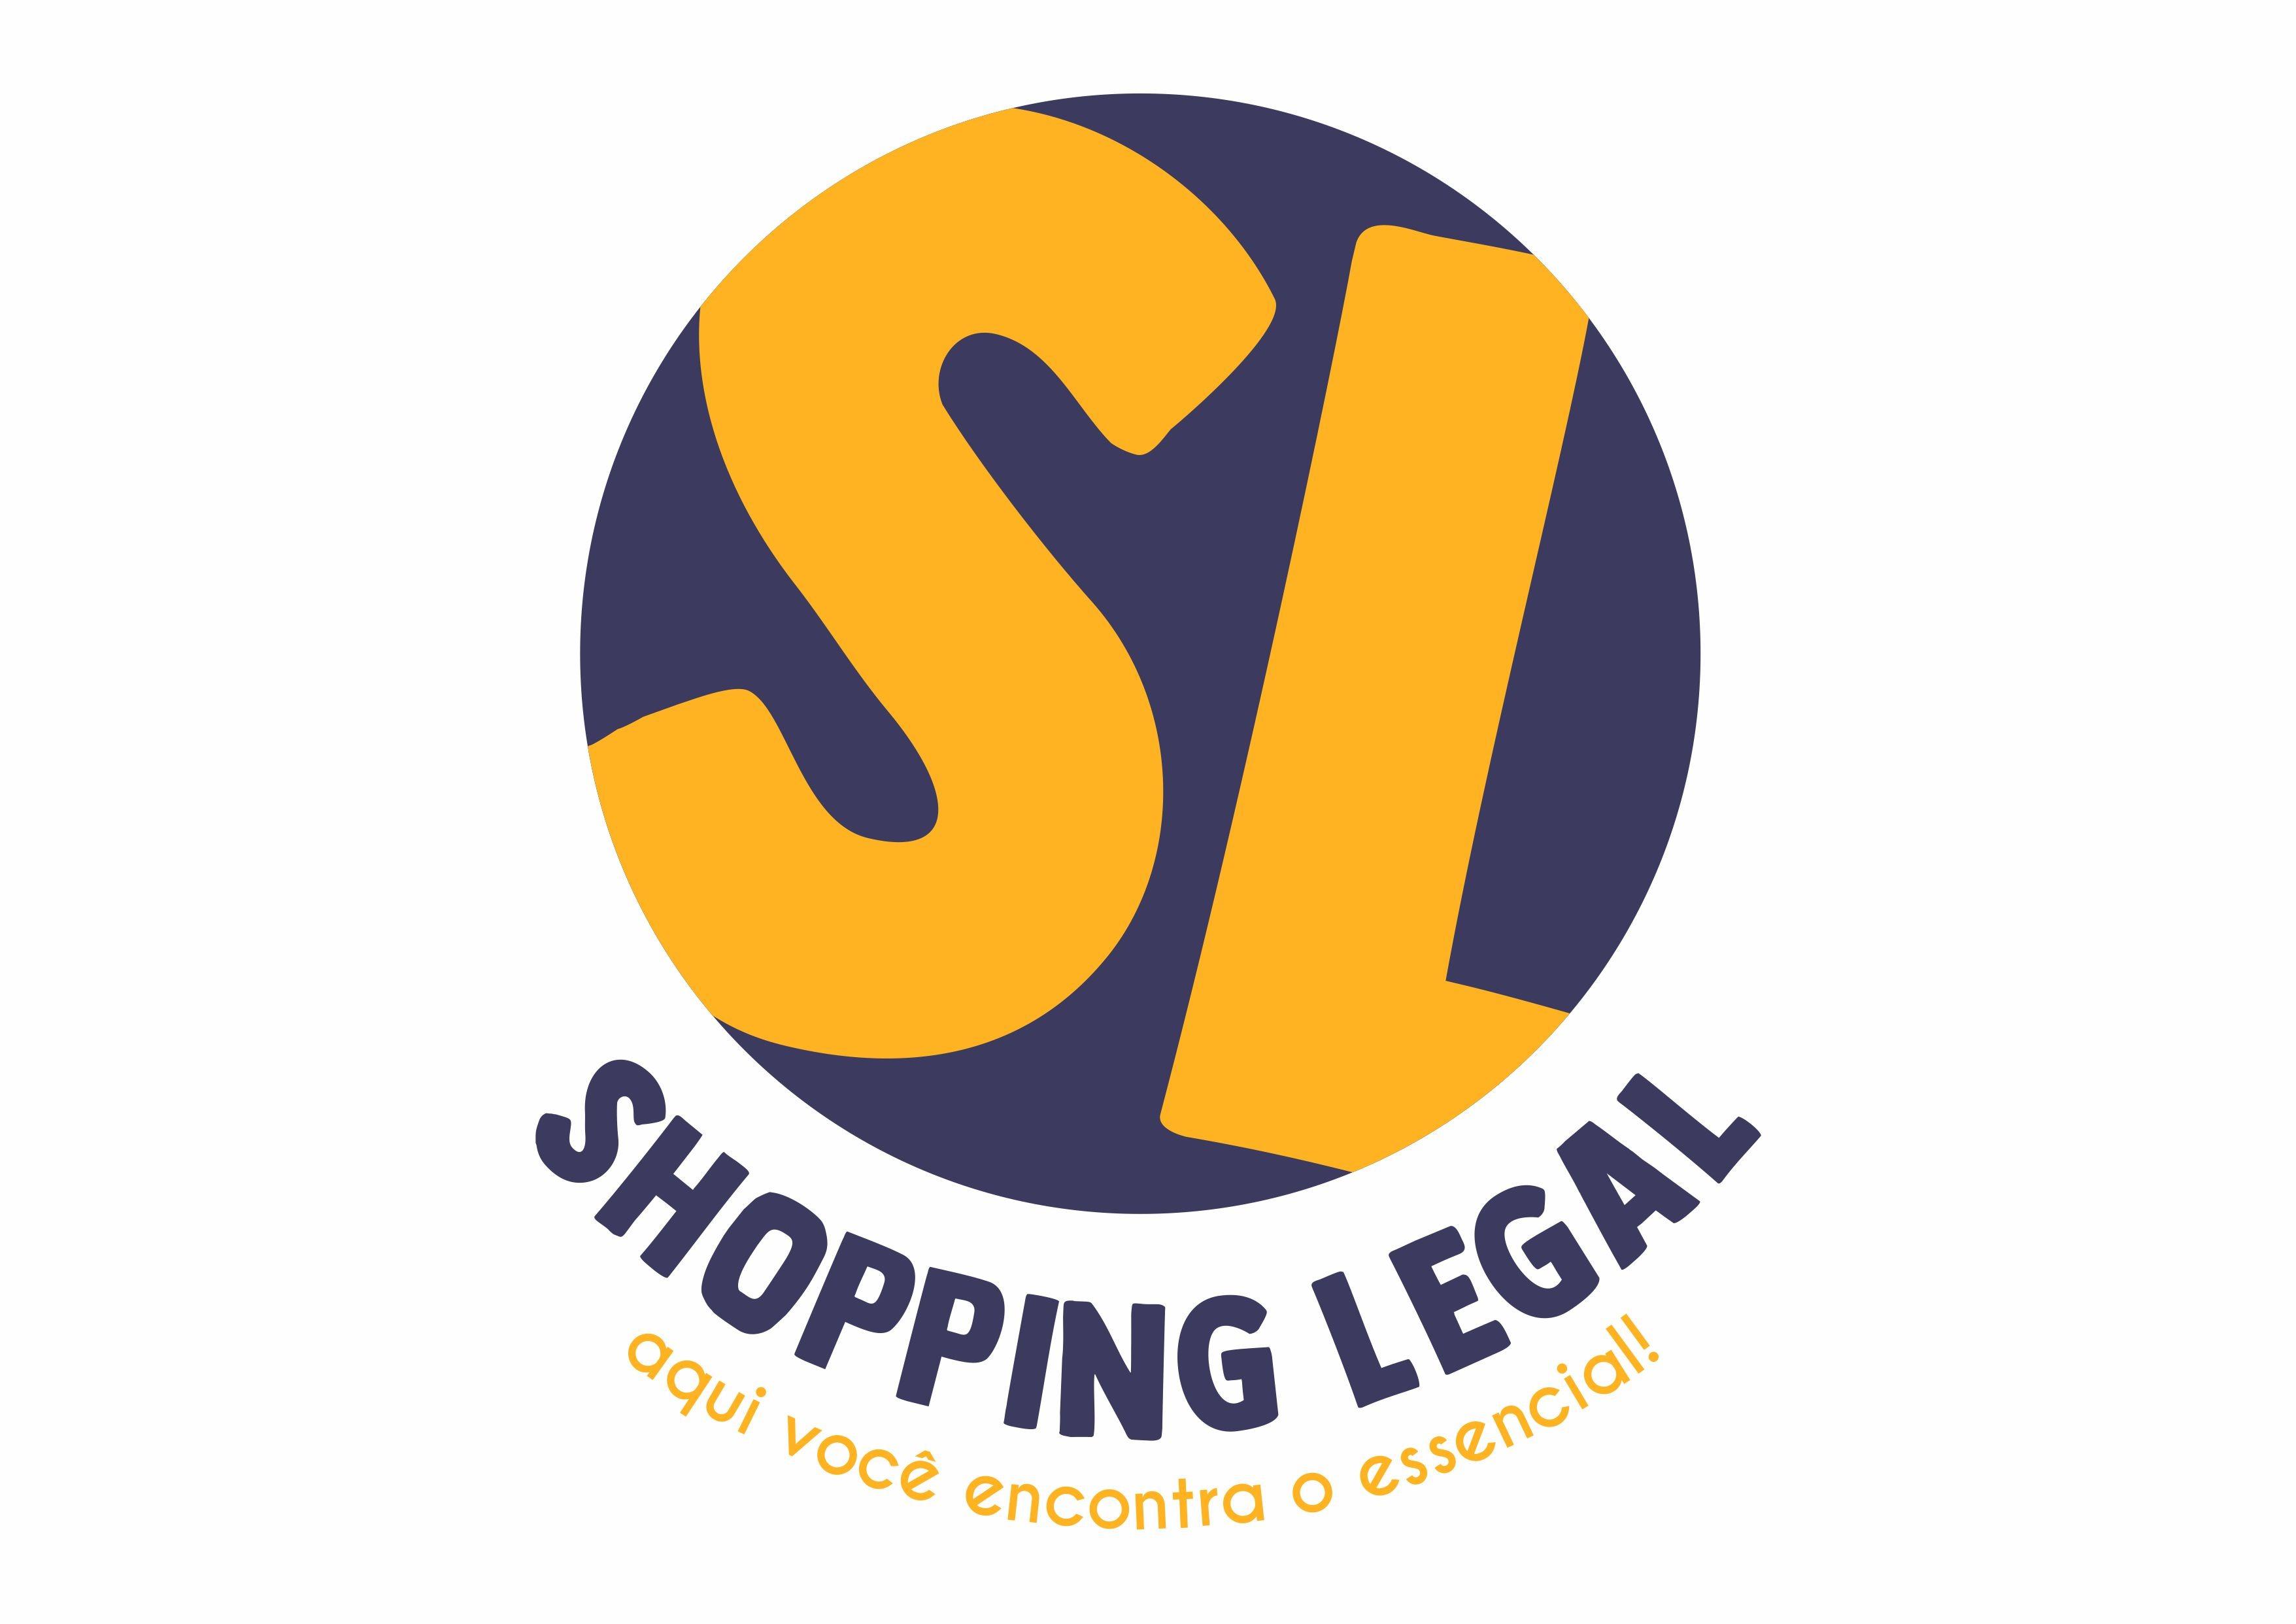 SHOPPING_LEGAL